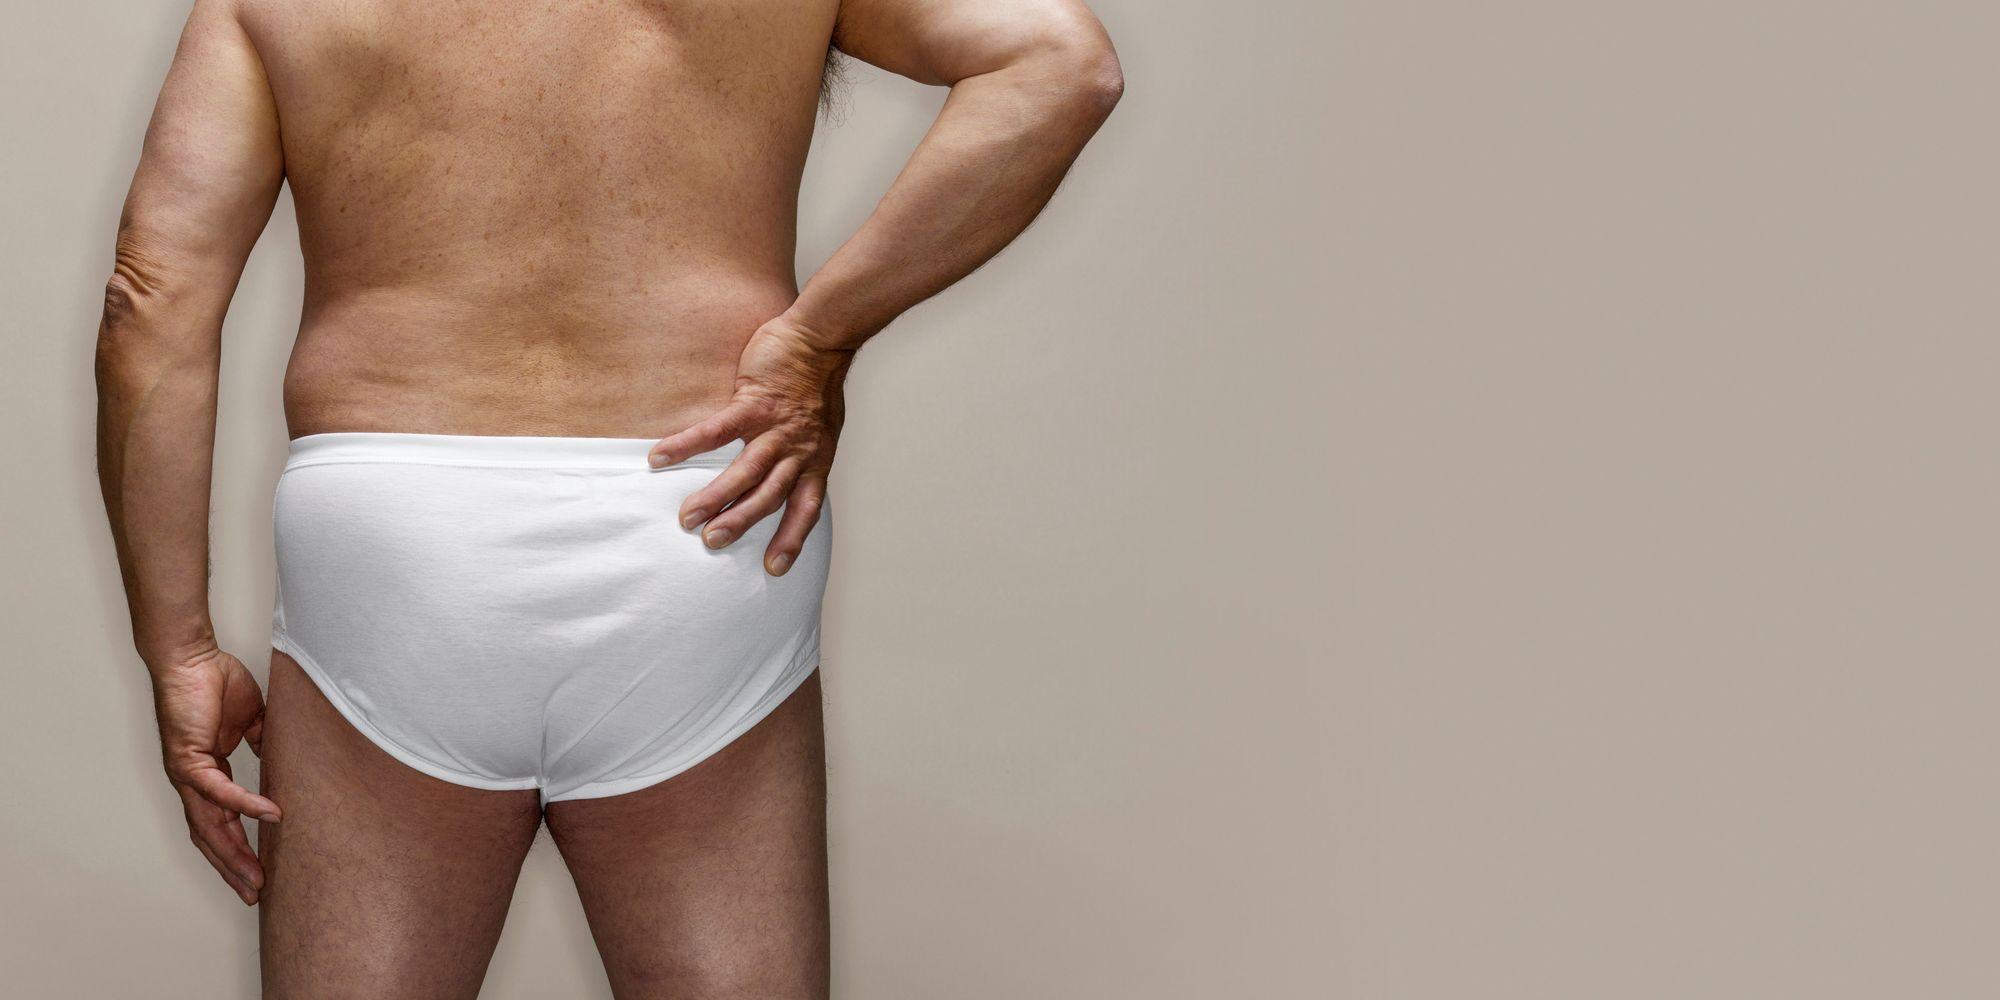 Of Wet Teen Panties If 50